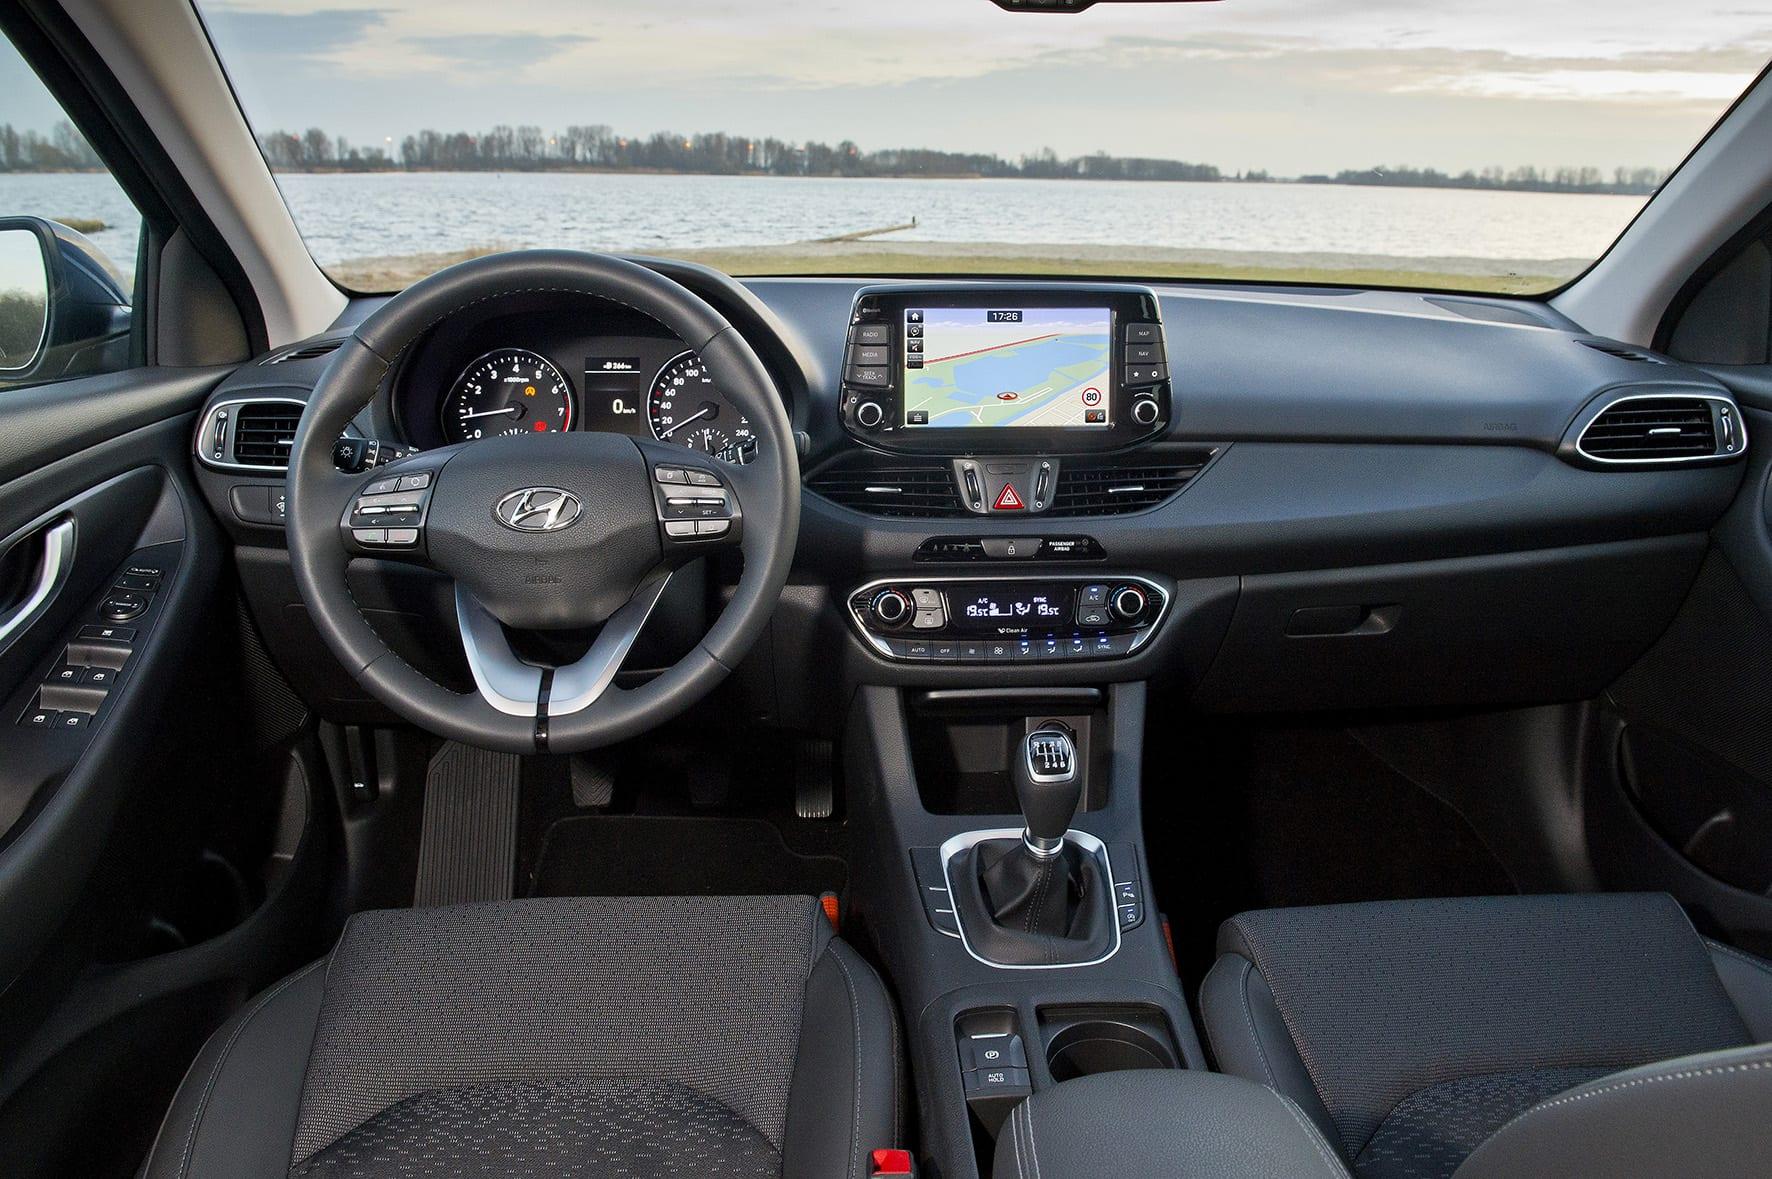 Hyundai i30 interieur dashboard